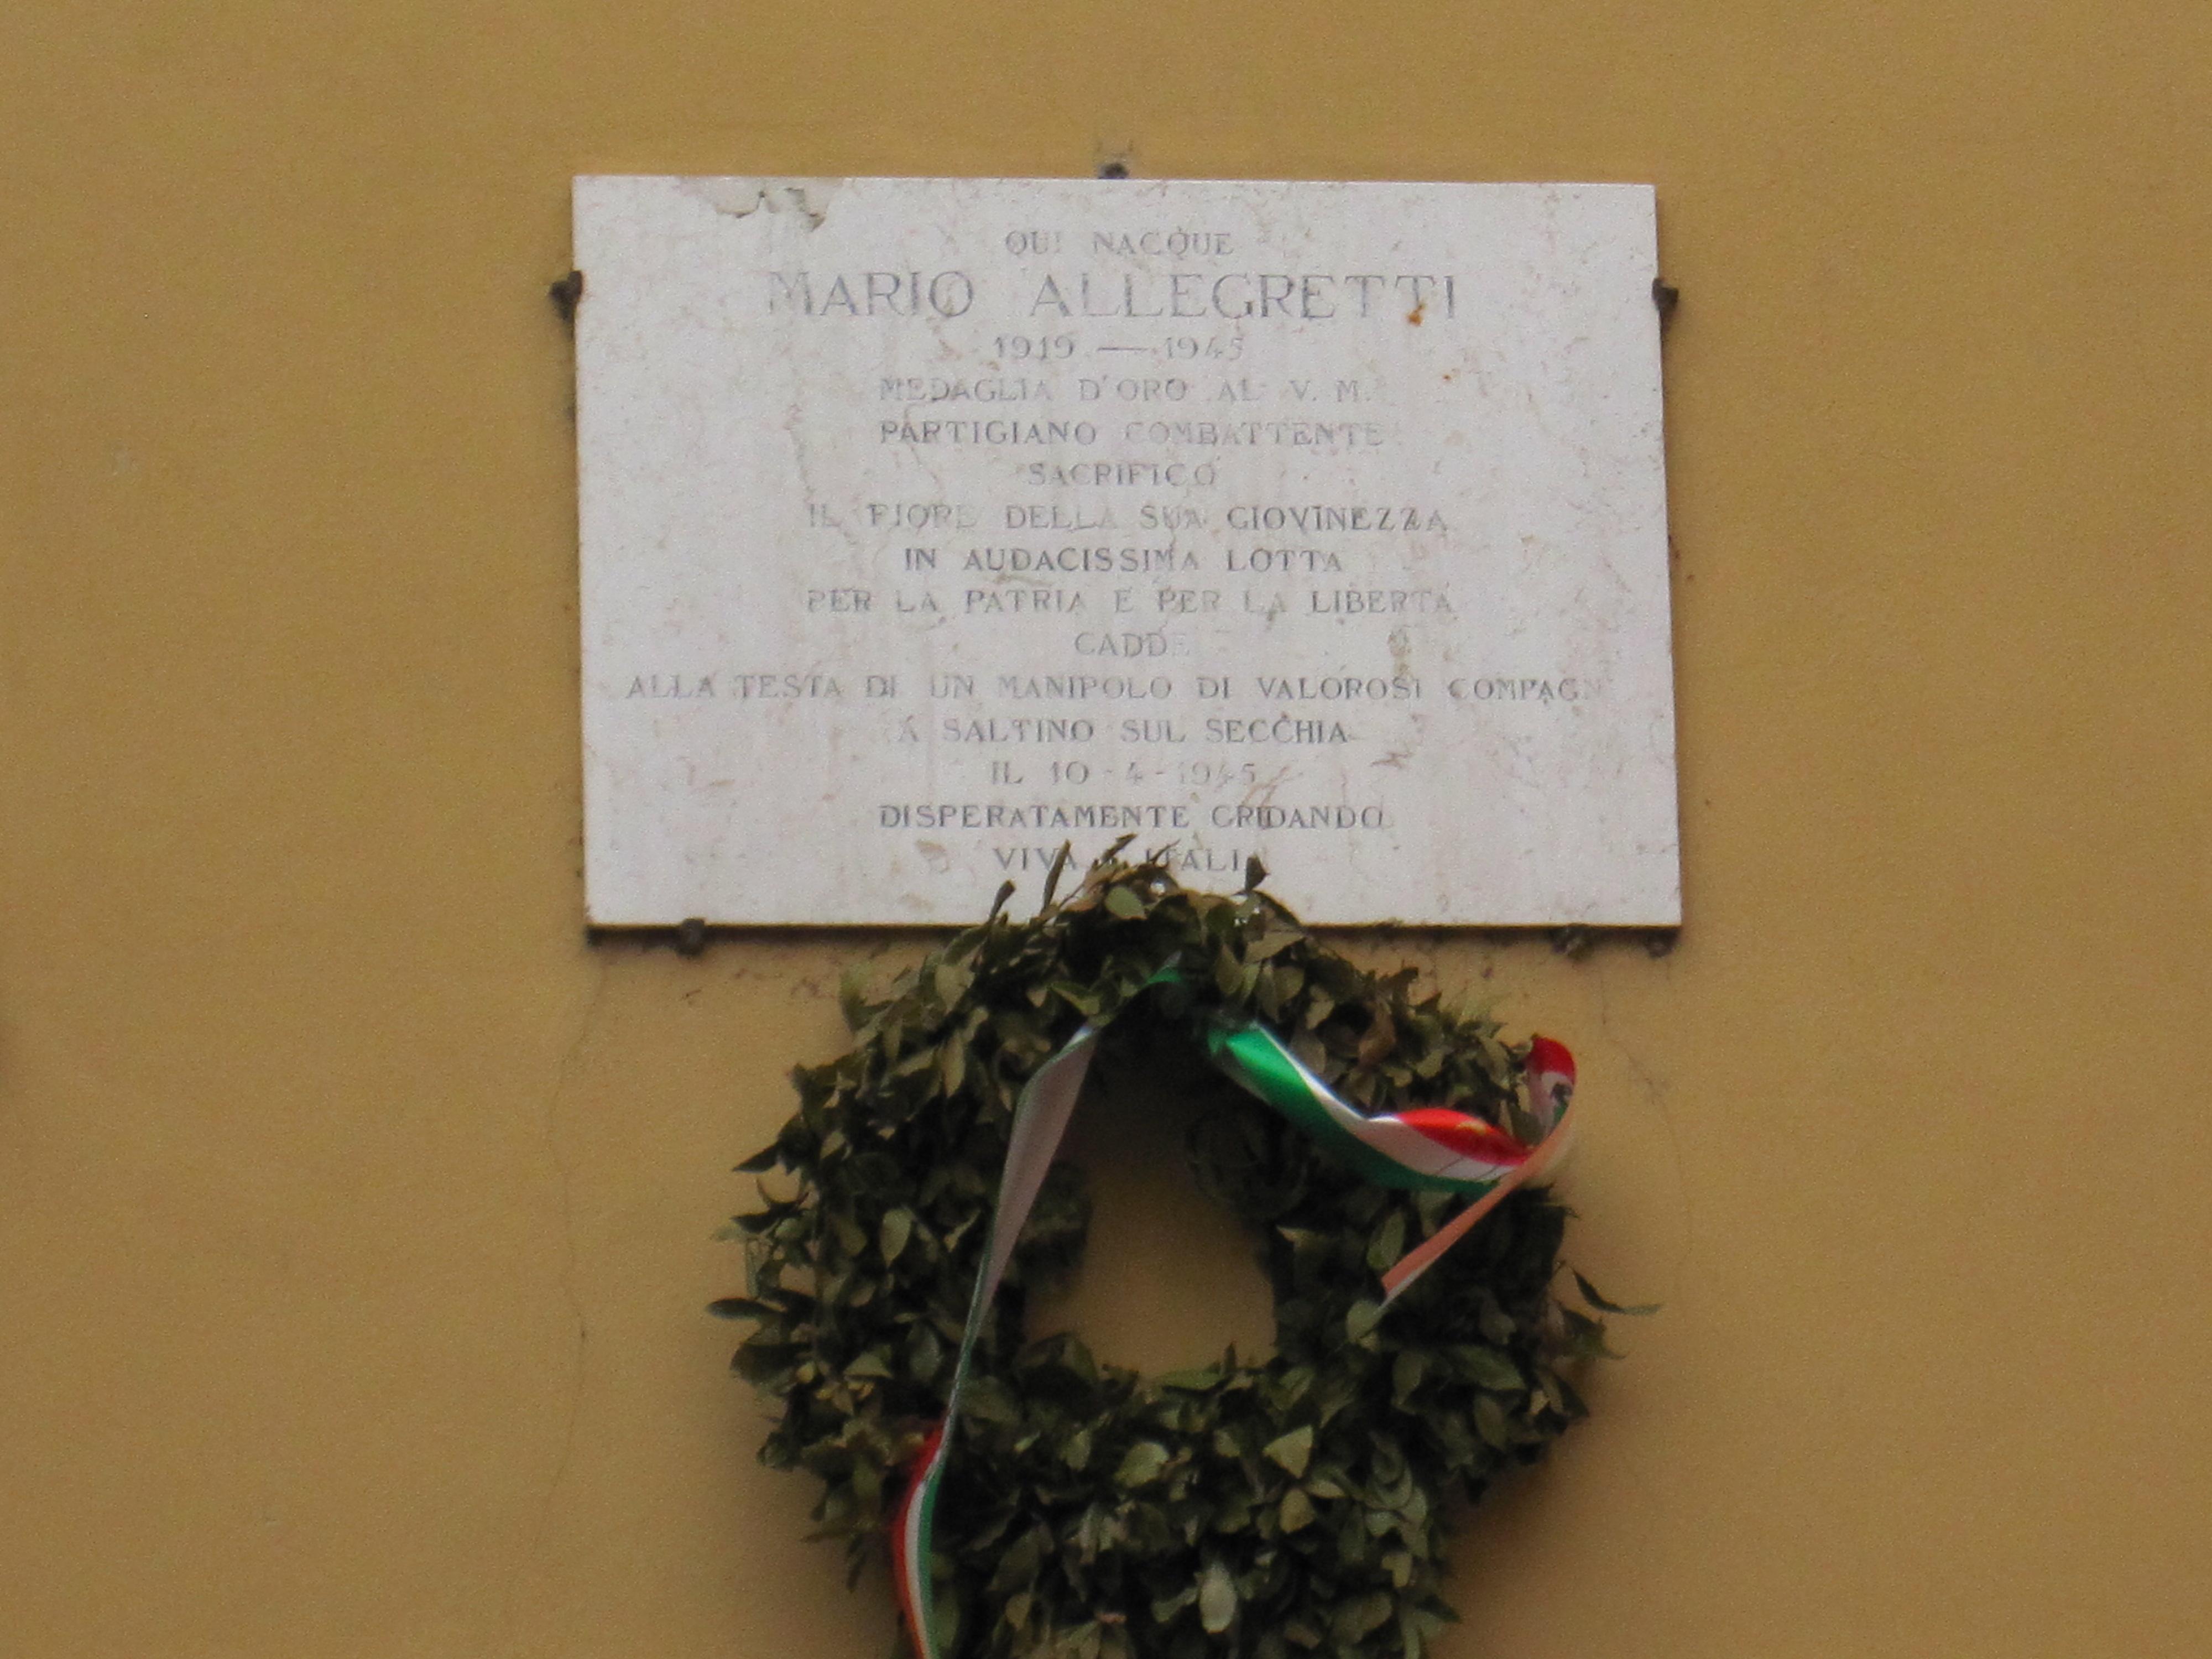 Lapide in memoria di Mario Allegretti, collocata sul muro esterno della sua casa natale a Vignola